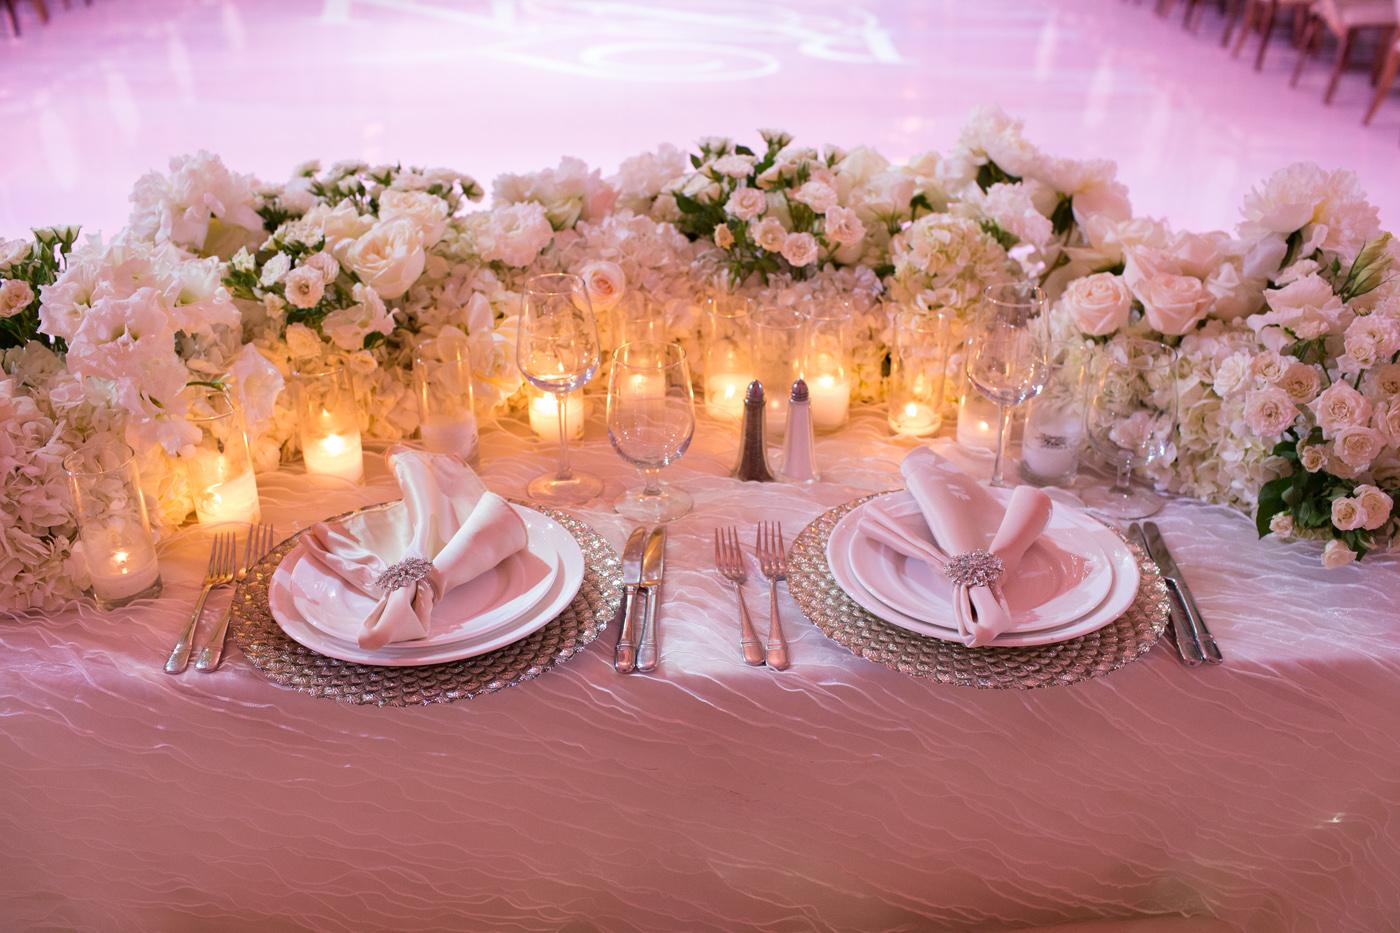 077_DukePhotography_DukeImages_Wedding_Details.jpg